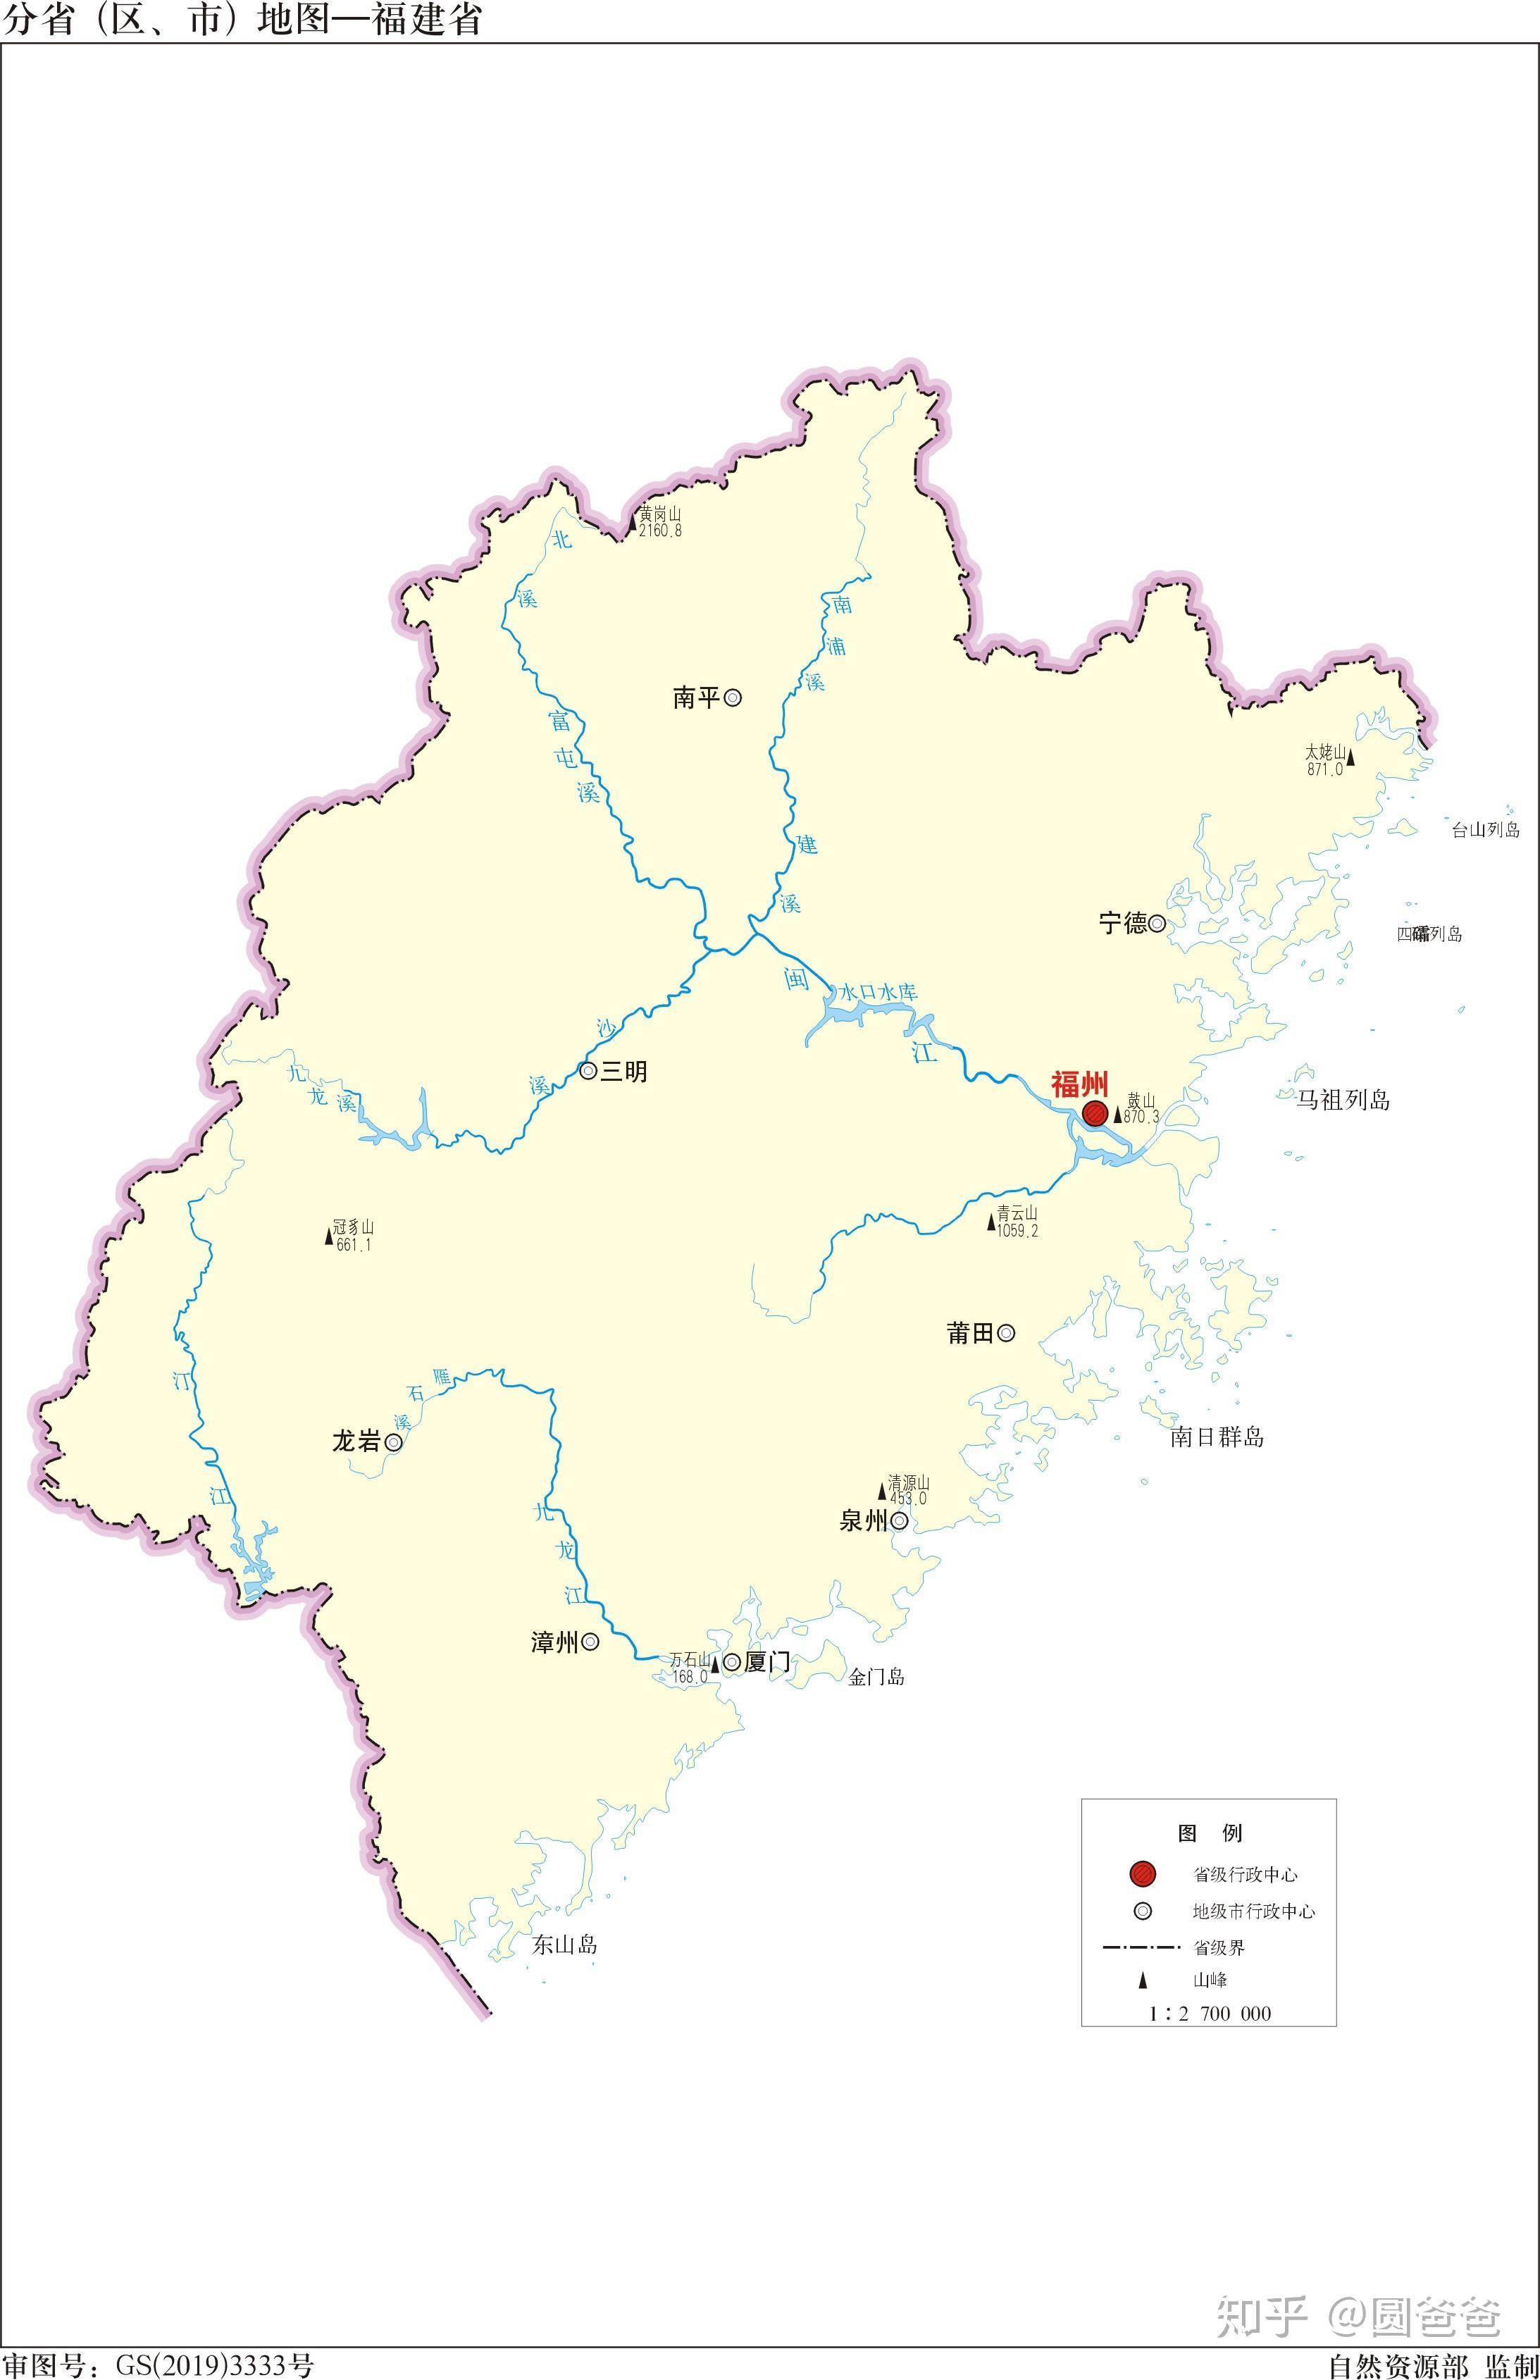 山东省地图全图大图_新版国家标准地图上线,一点都不能错!你要的地图全在这里了 ...